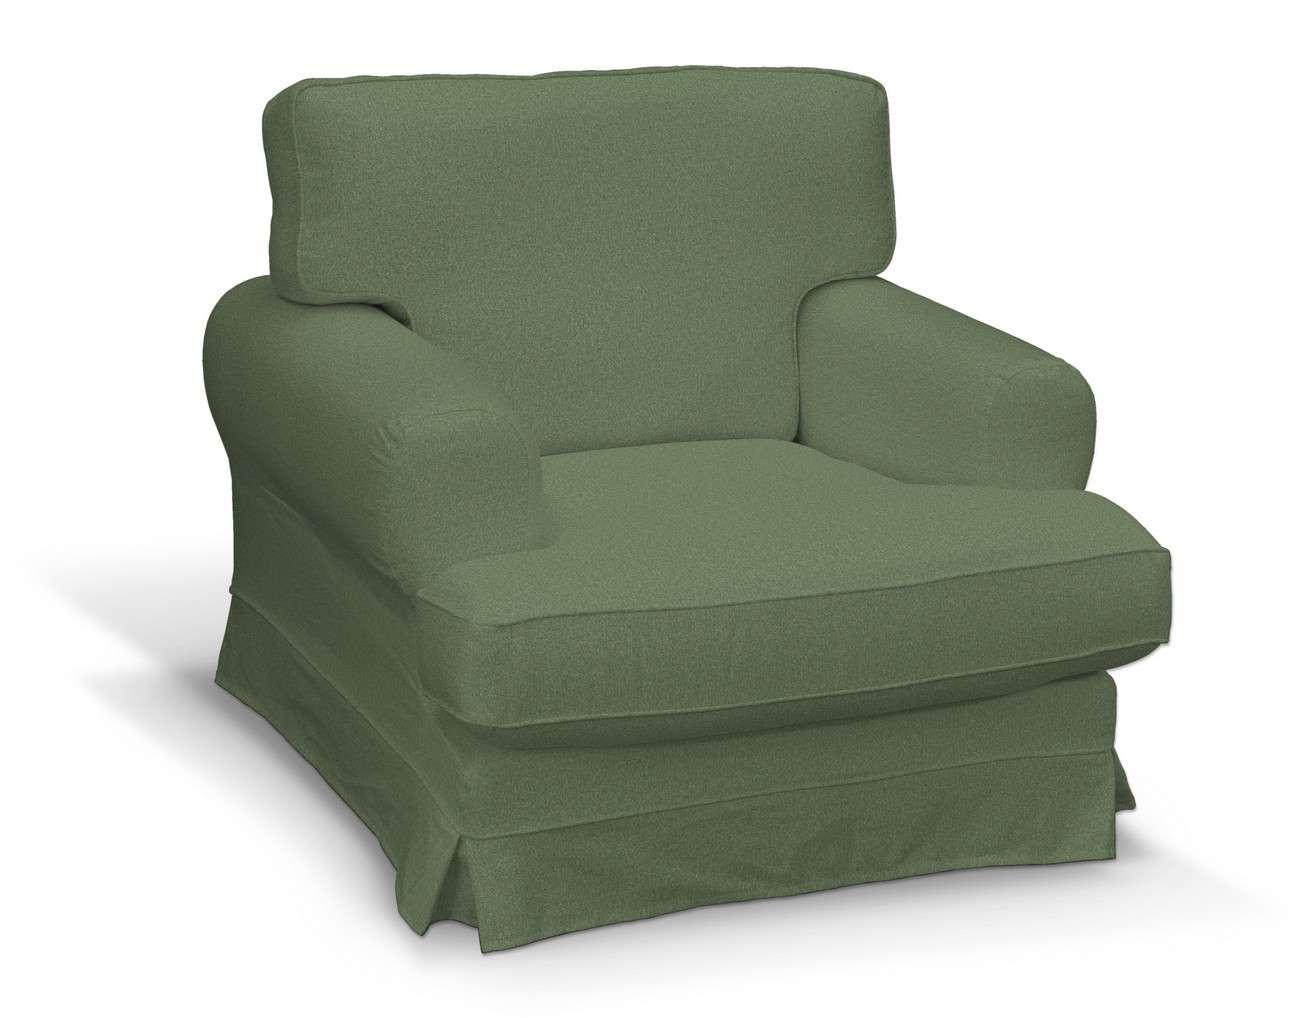 Bezug für Ekeskog Sessel von der Kollektion Amsterdam, Stoff: 704-44